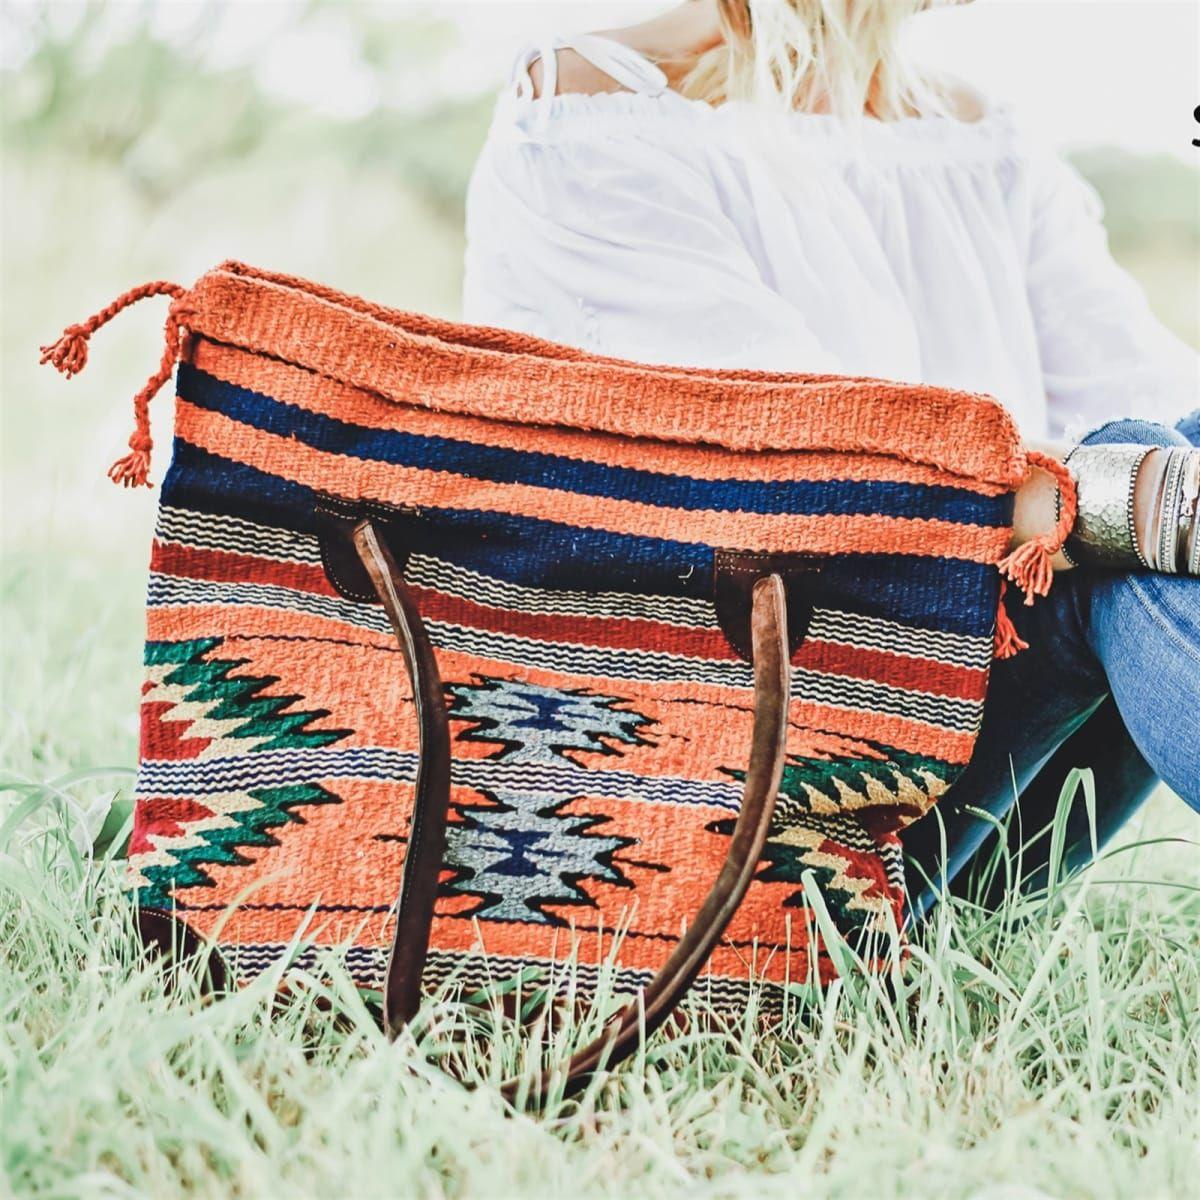 Tribal Tote Bag Bags, Tote bag, Carryall tote